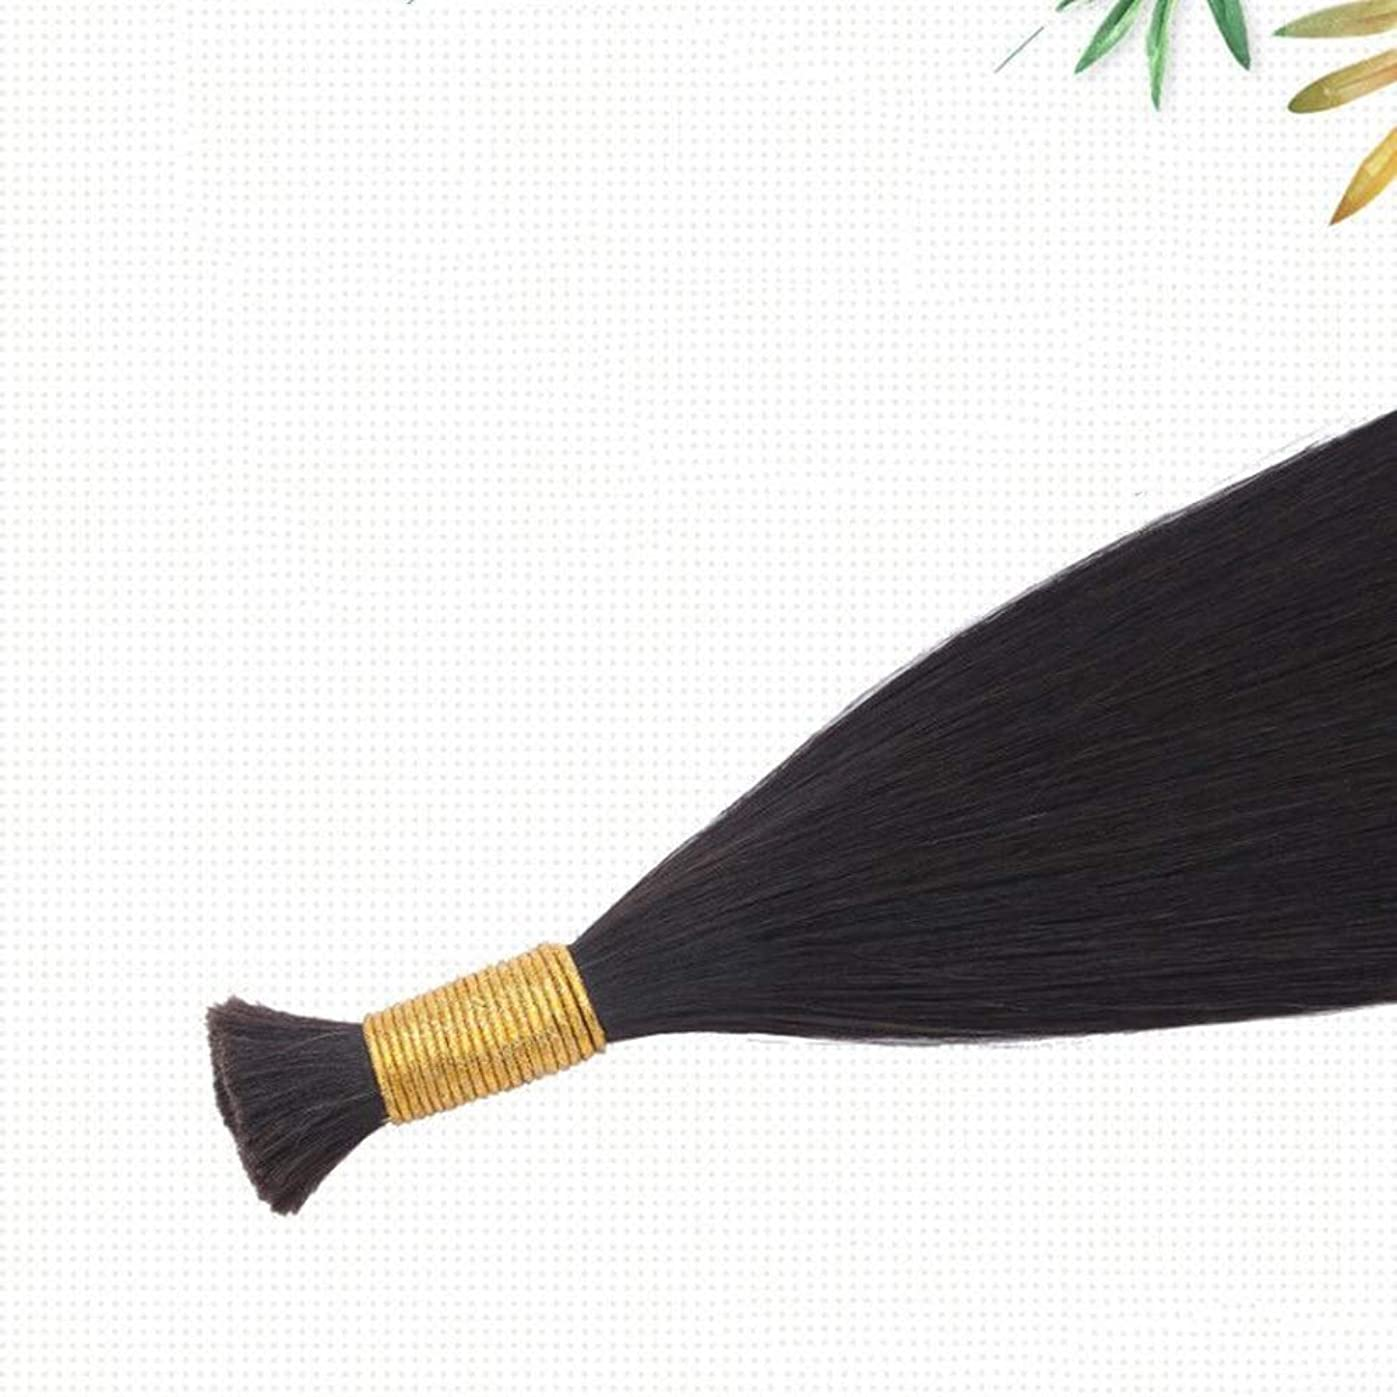 確執含意薄暗いJULYTER ナノリングヘアエクステンション100%存在する人間の髪の毛マイクロナノ50G /フリーリングは含まれています(生物学的色) (色 : Natural color, サイズ : 70cm)